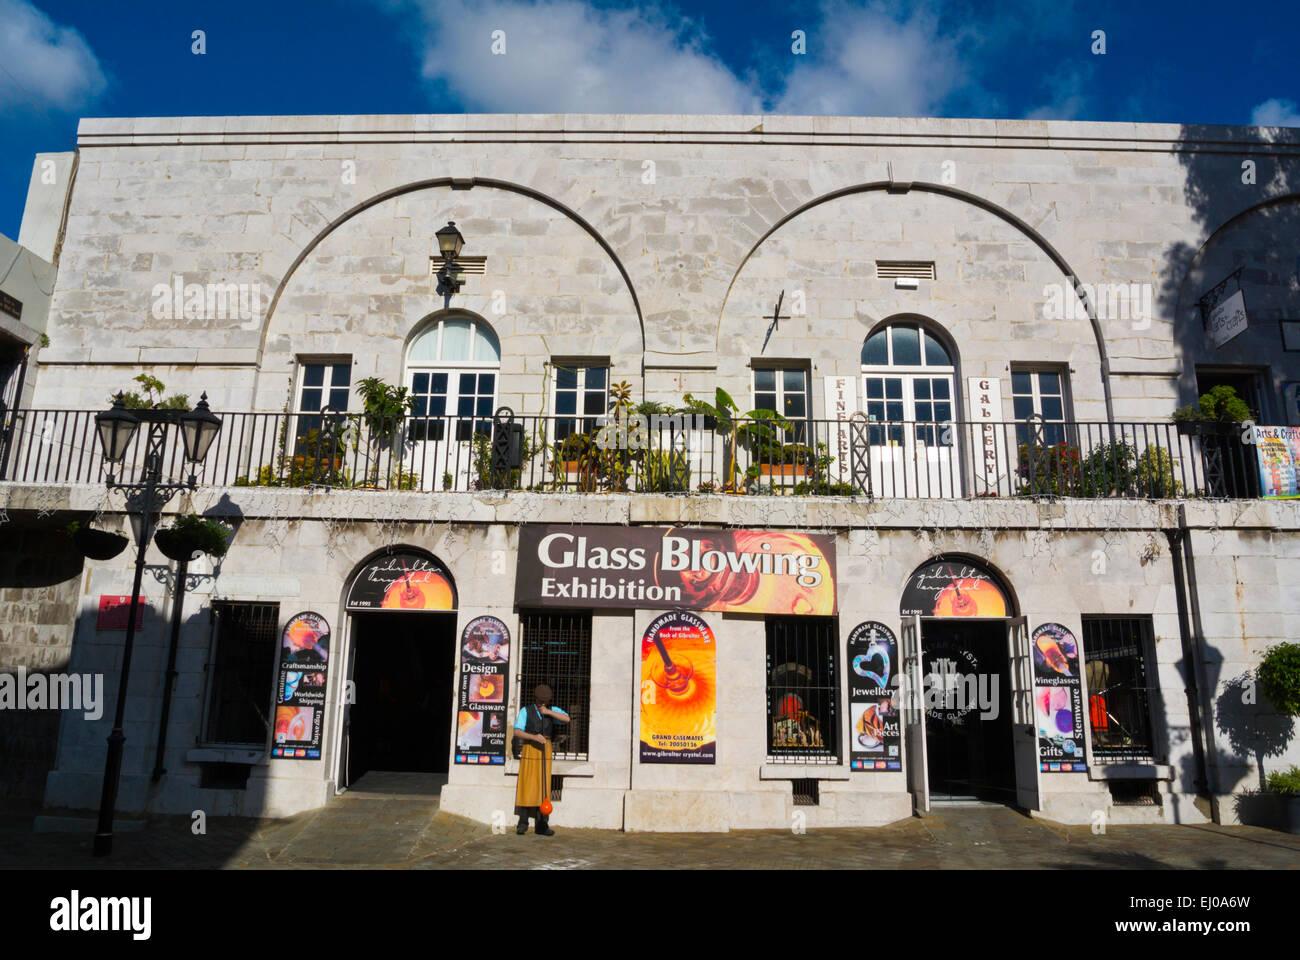 Glas bläst, Ausstellung und Schmuckgeschäft, lokale Glaswaren, Grand Kasematten Square, Gibraltar, Europa Stockbild